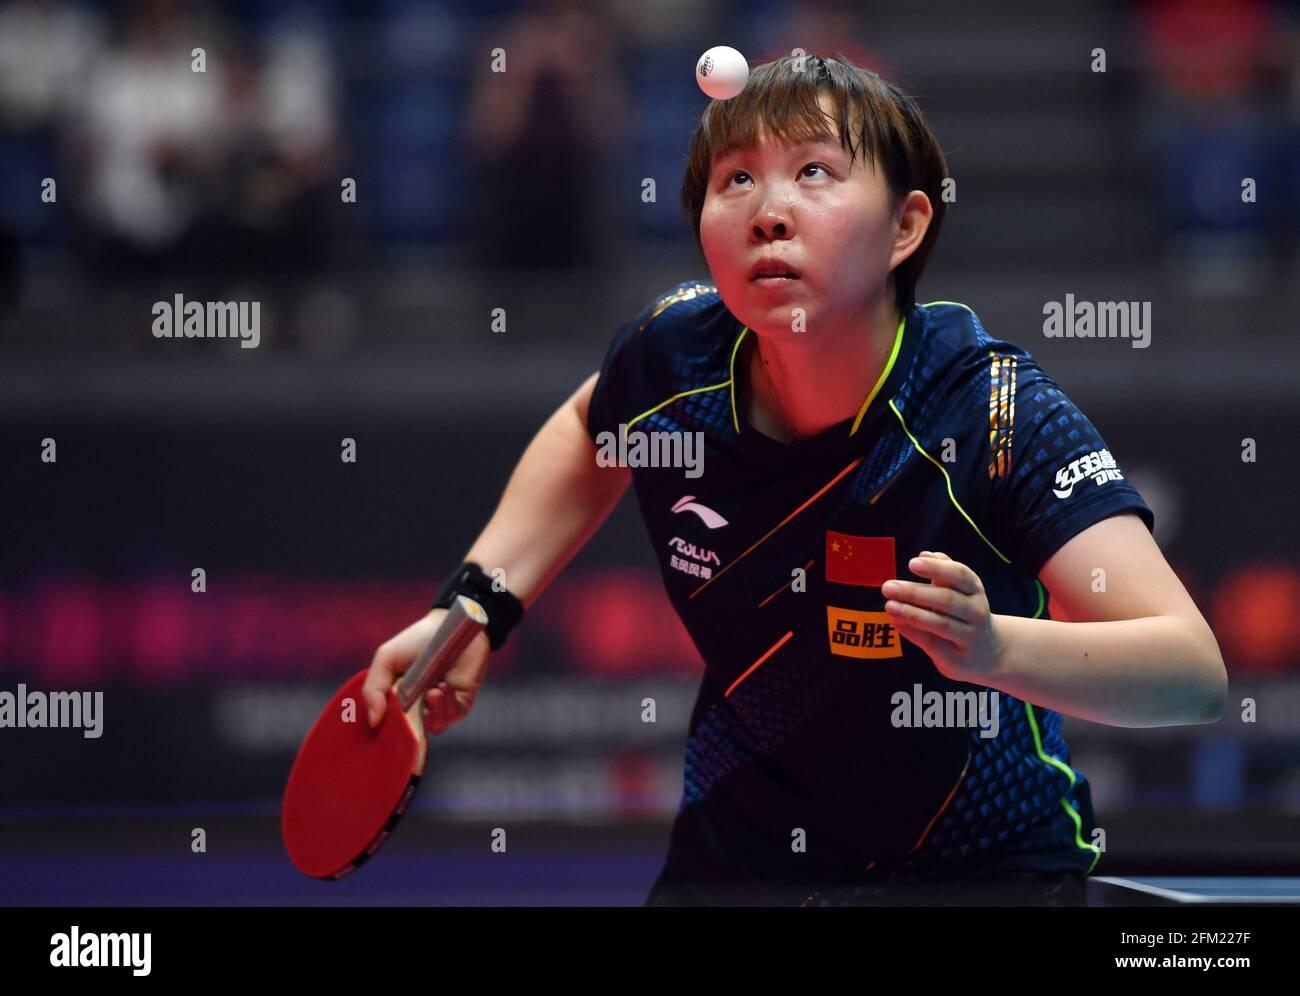 Xinxiang, province chinoise du Henan. 5 mai 2021. Zhu Yuling sert le ballon lors de la quart-finale des femmes célibataires contre Liu Shiwen lors des essais de Grand smashes de WTT (World Table tennis) 2021 et de la simulation olympique à Xinxiang, dans la province de Henan, dans le centre de la Chine, le 5 mai 2021. Credit: Li Jianan/Xinhua/Alamy Live News Banque D'Images